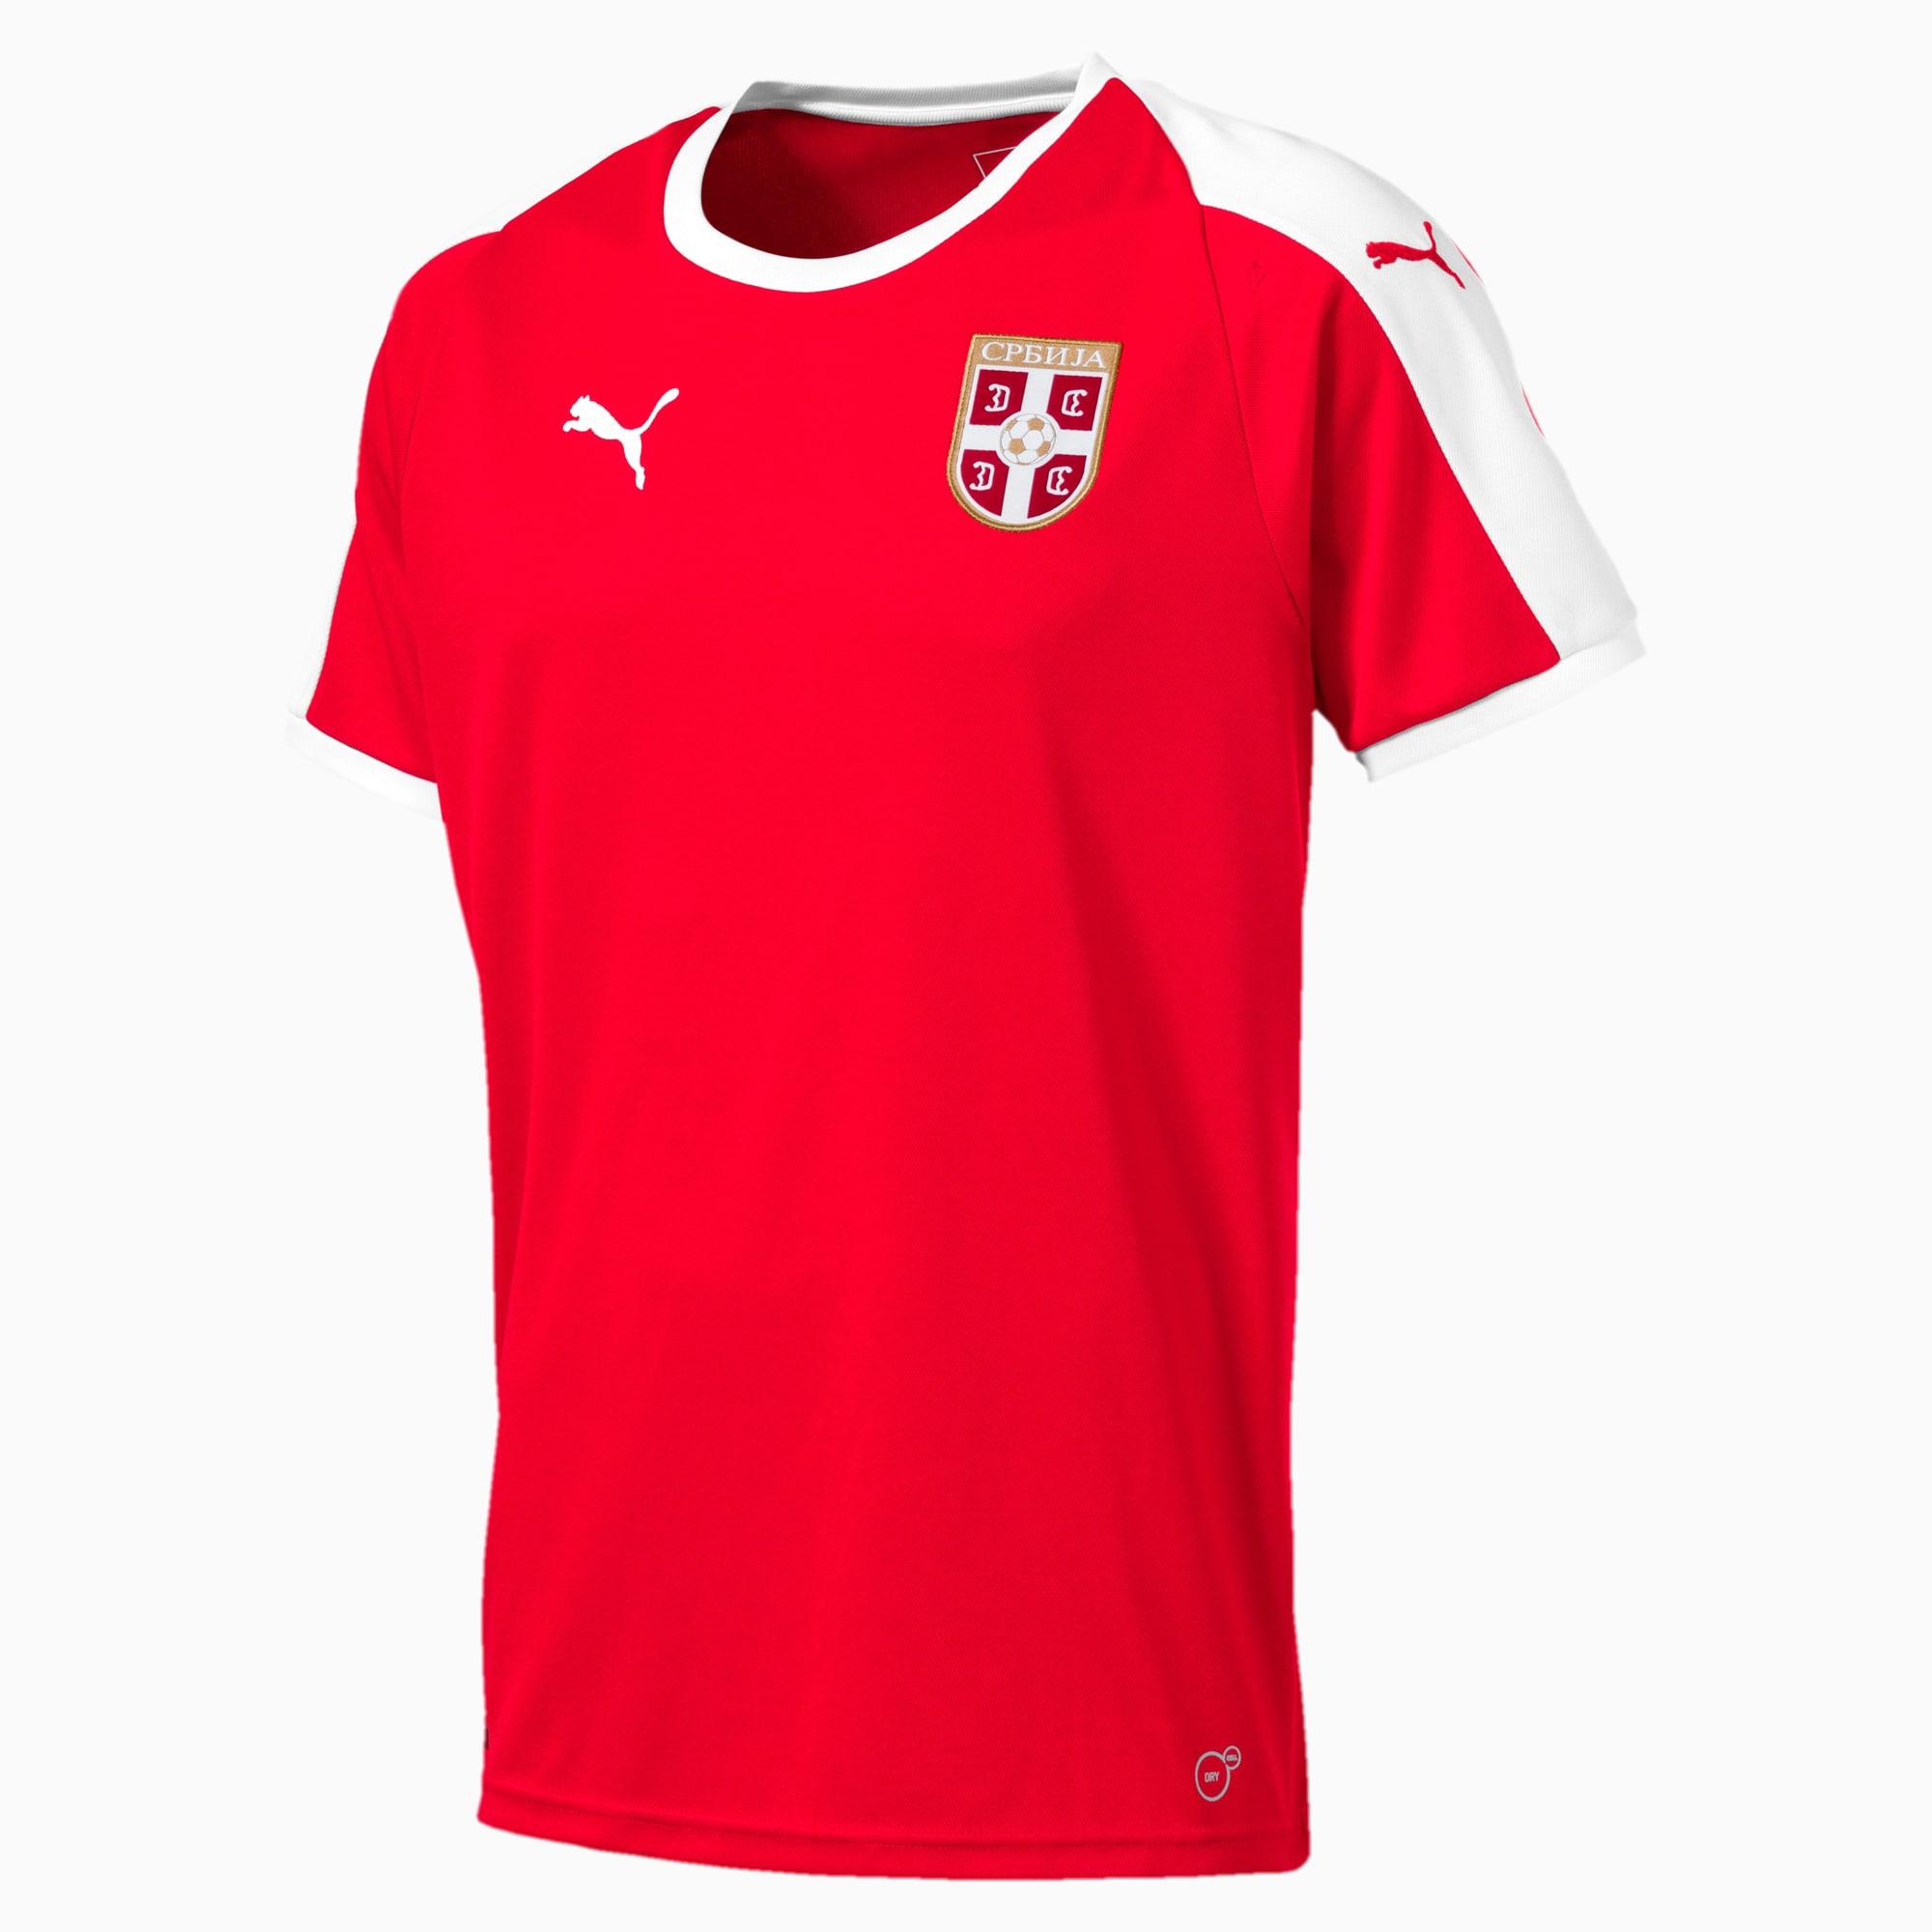 maillot domicile serbie pour homme, rouge/blanc, taille s, vêtements